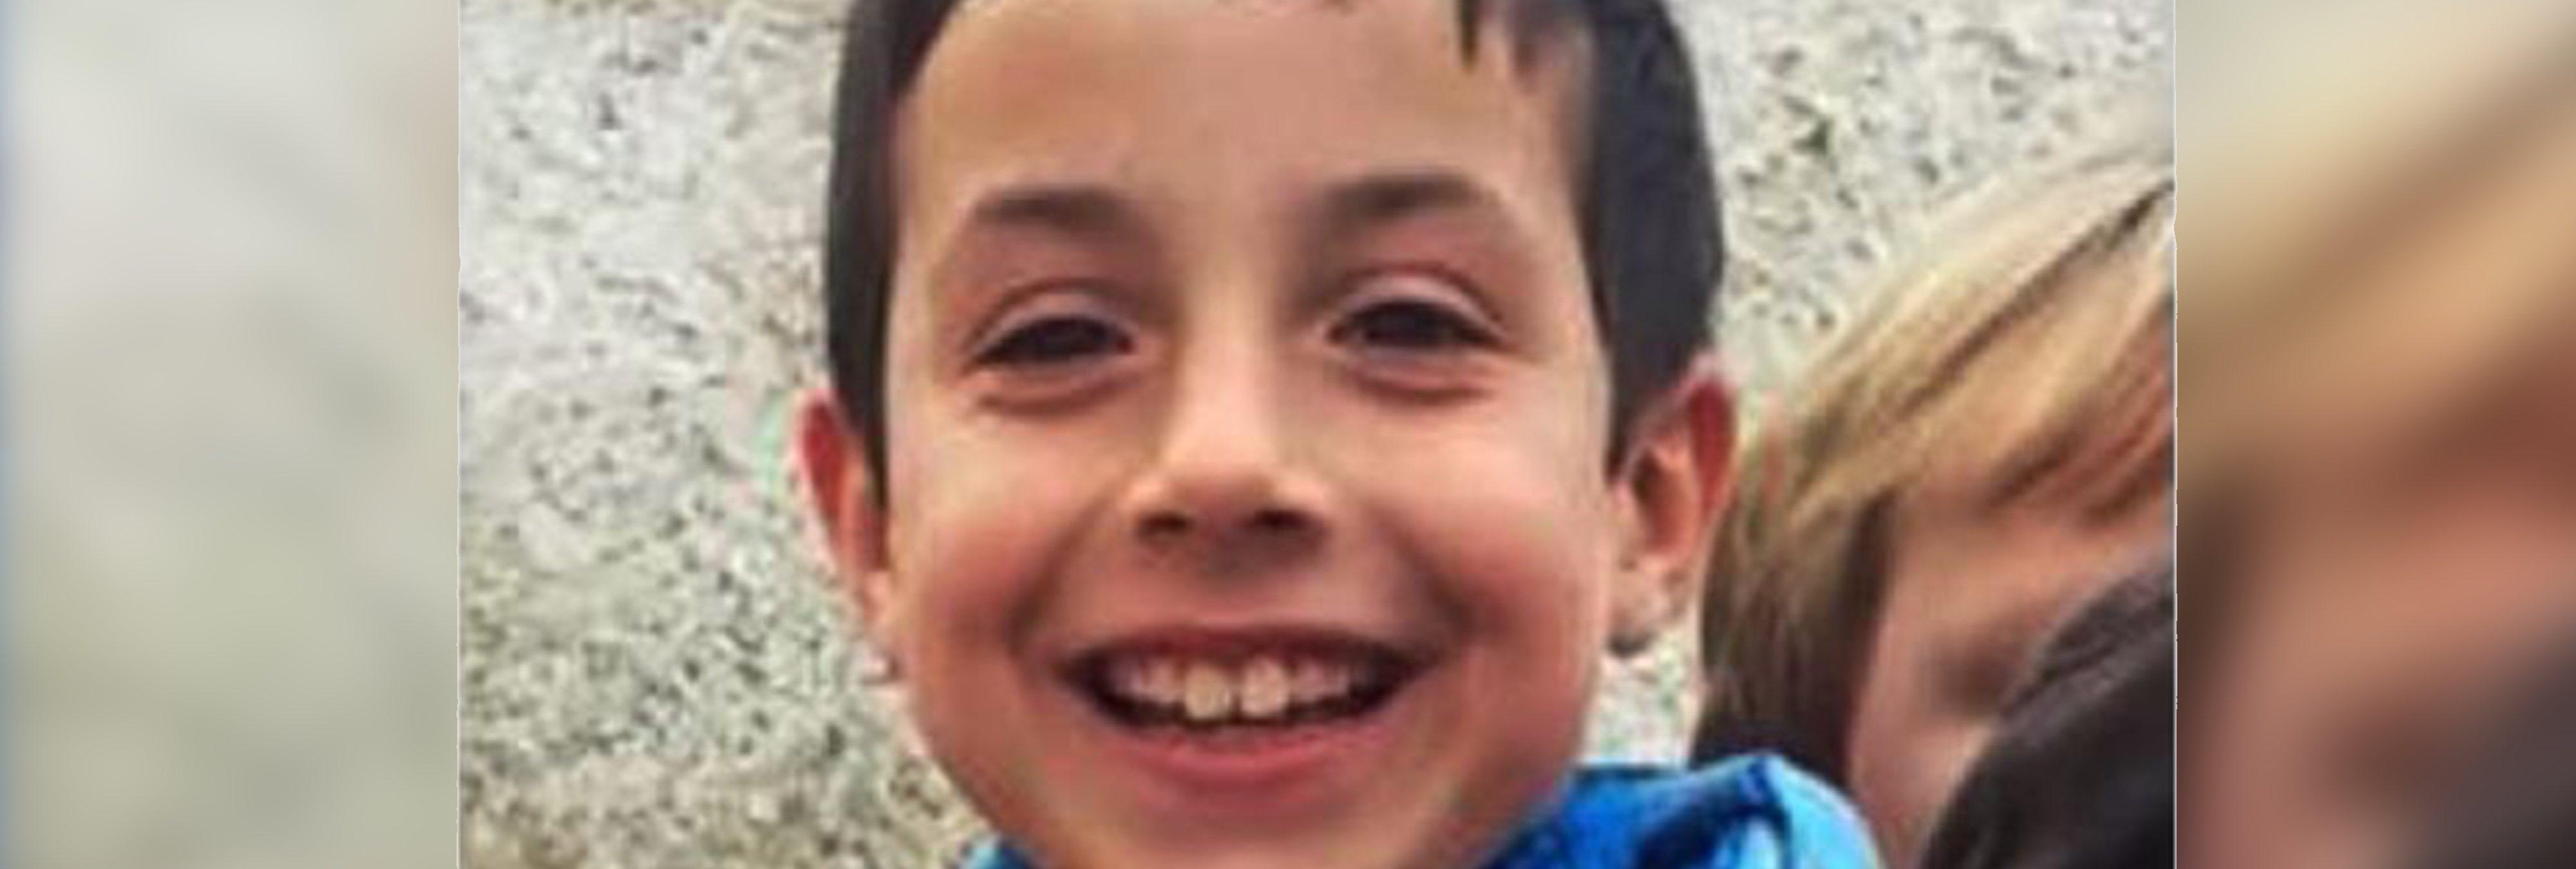 """La pareja del padre de Gabriel niega todo en el vídeo de su detención: """"Solo cogí el coche esta mañana"""""""